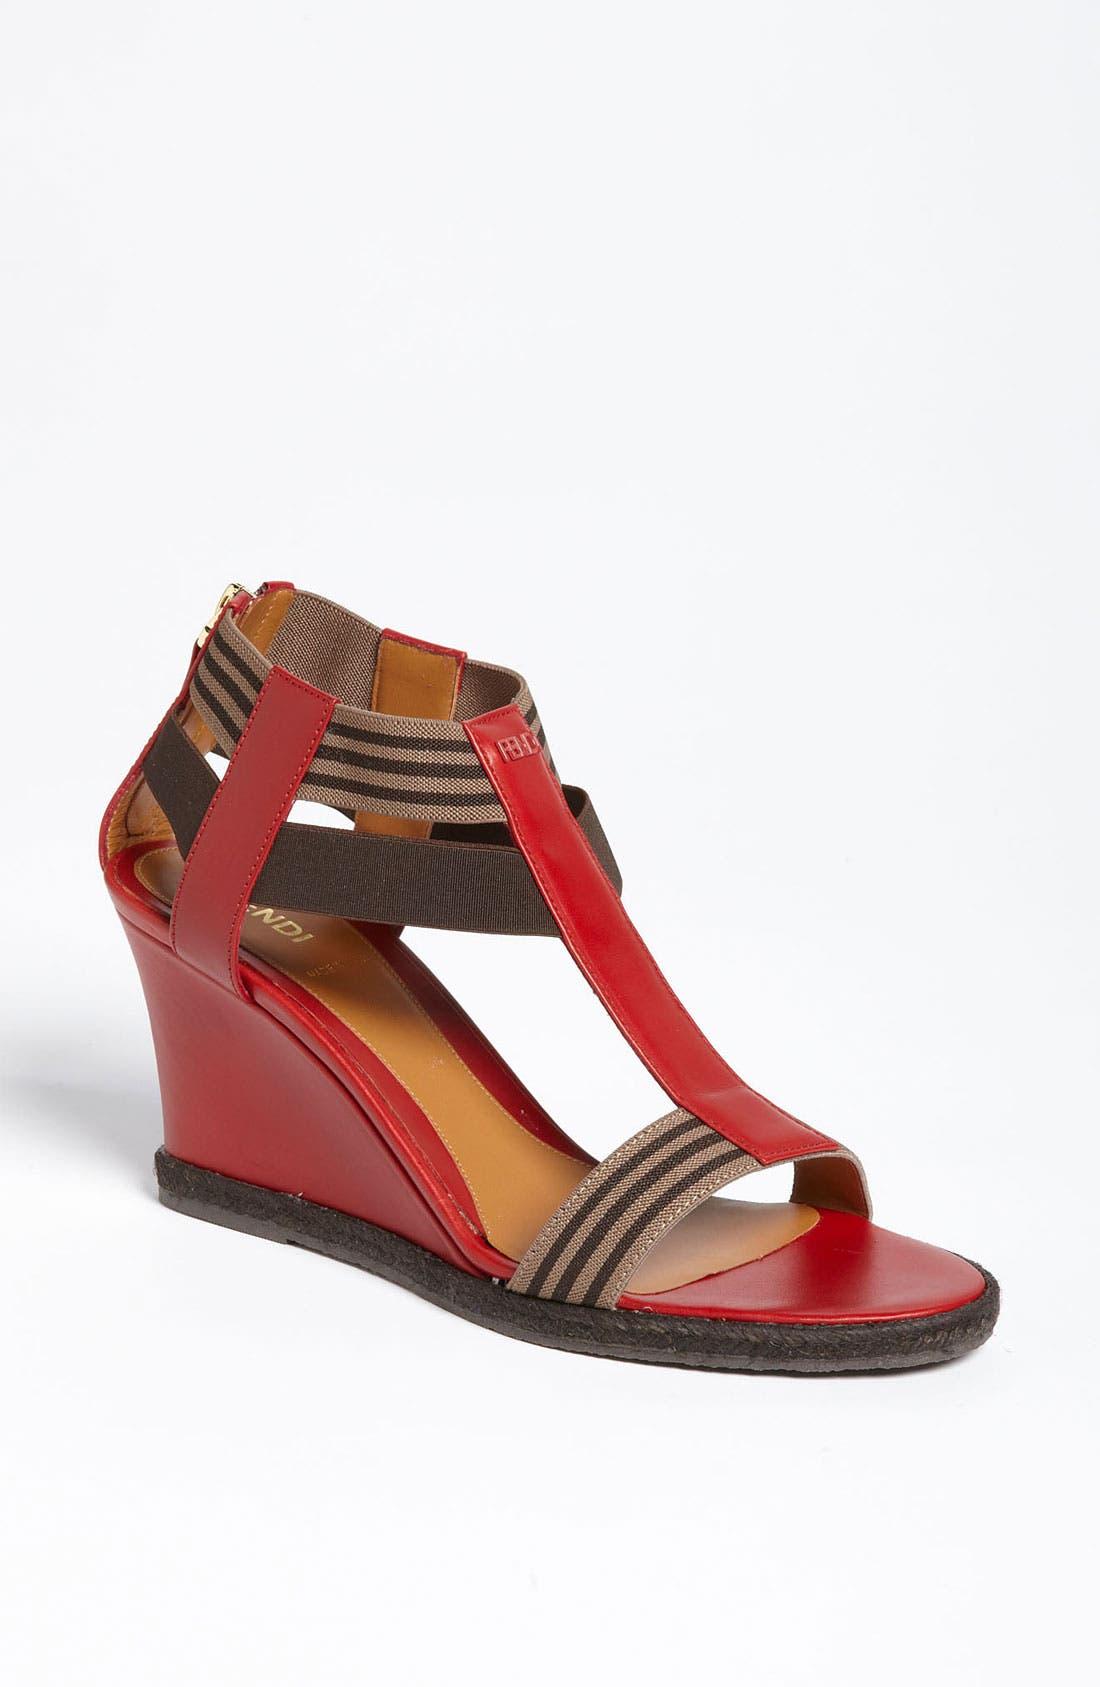 Alternate Image 1 Selected - Fendi 'Carioca' Wedge Sandal